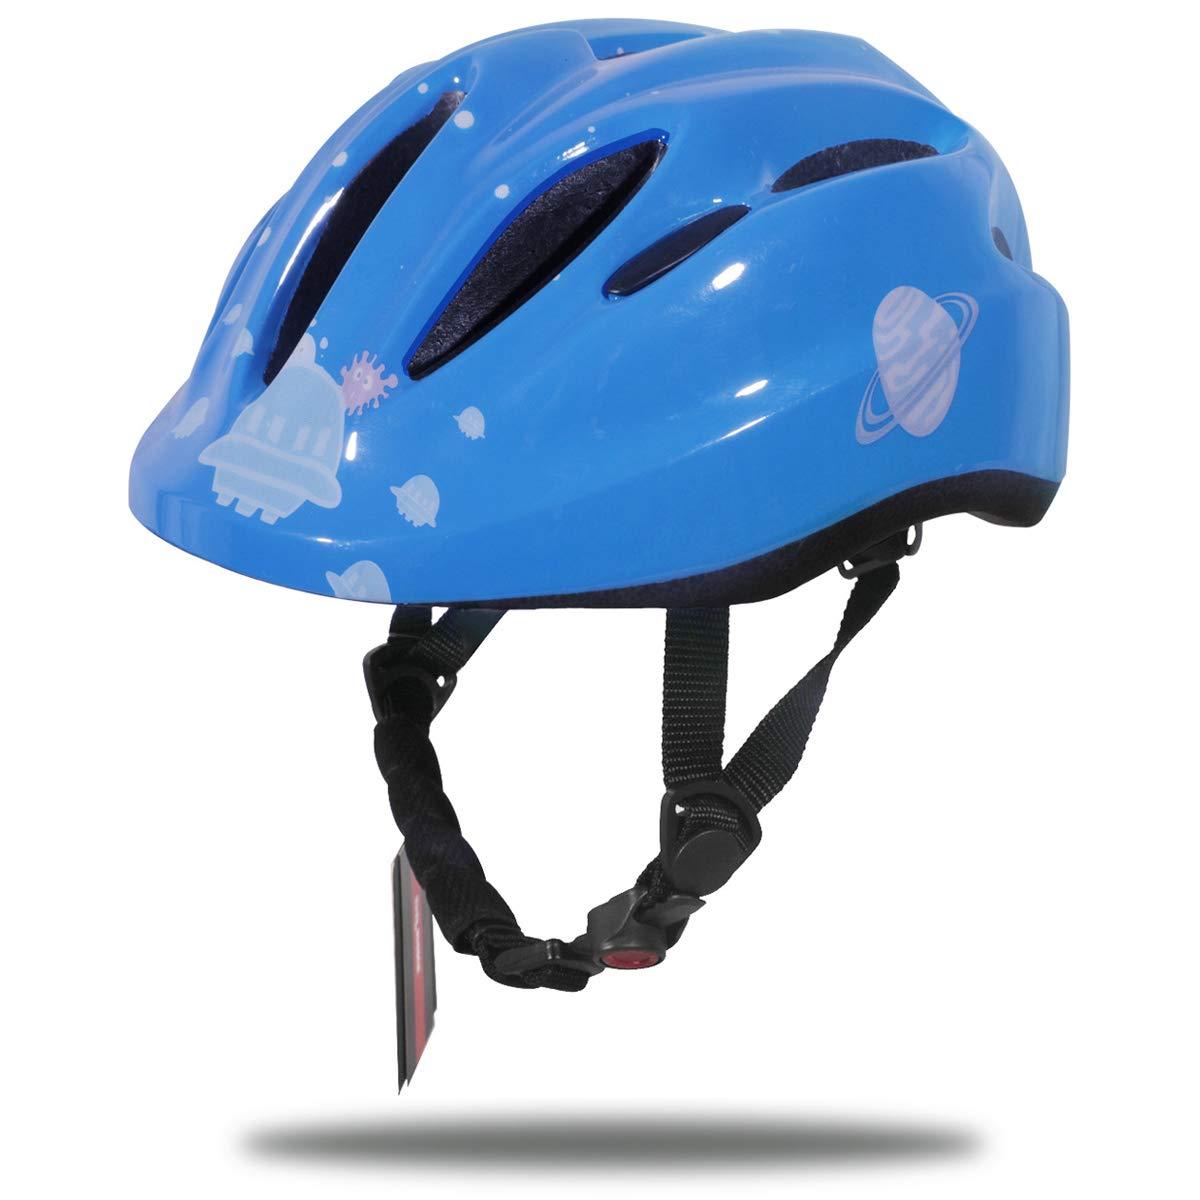 Amazon.com: DRBIKE - Casco de bicicleta para niños de 3 a 9 ...